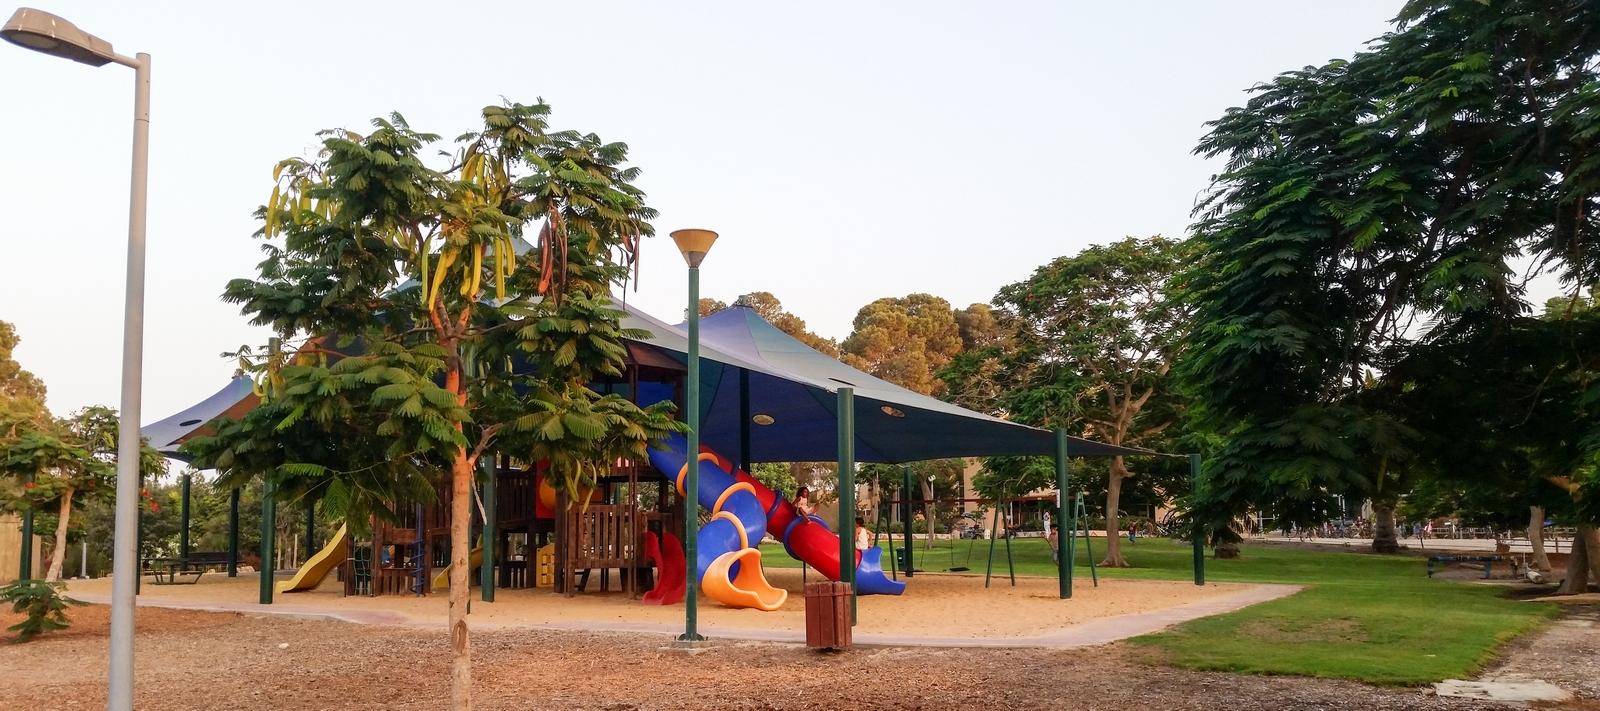 Детская площадка в центре кибуца Ревивим вечером